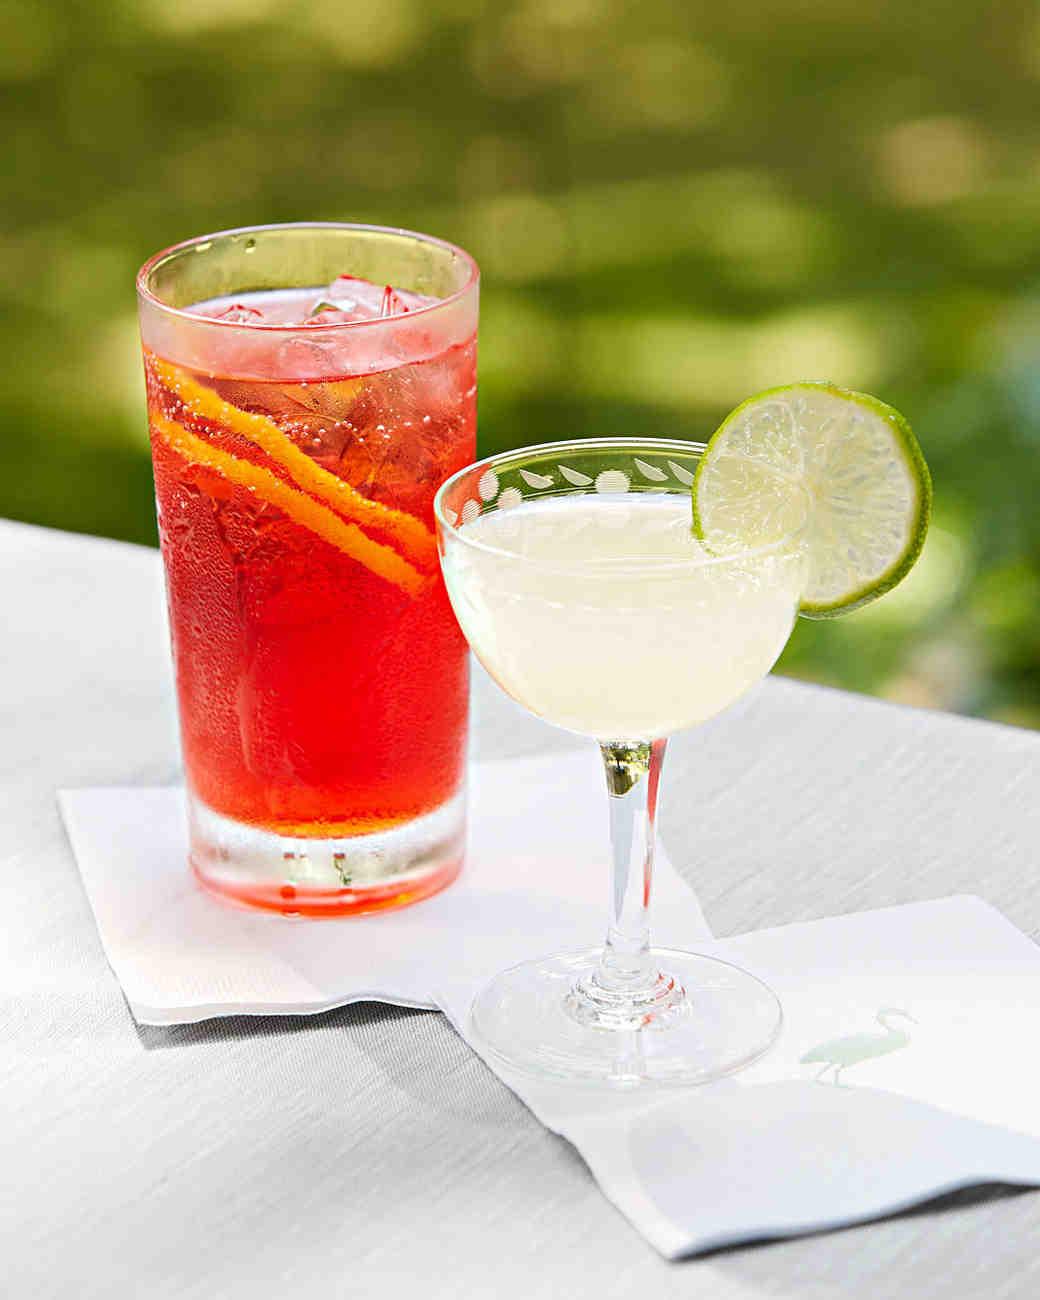 katie samuel cocktails